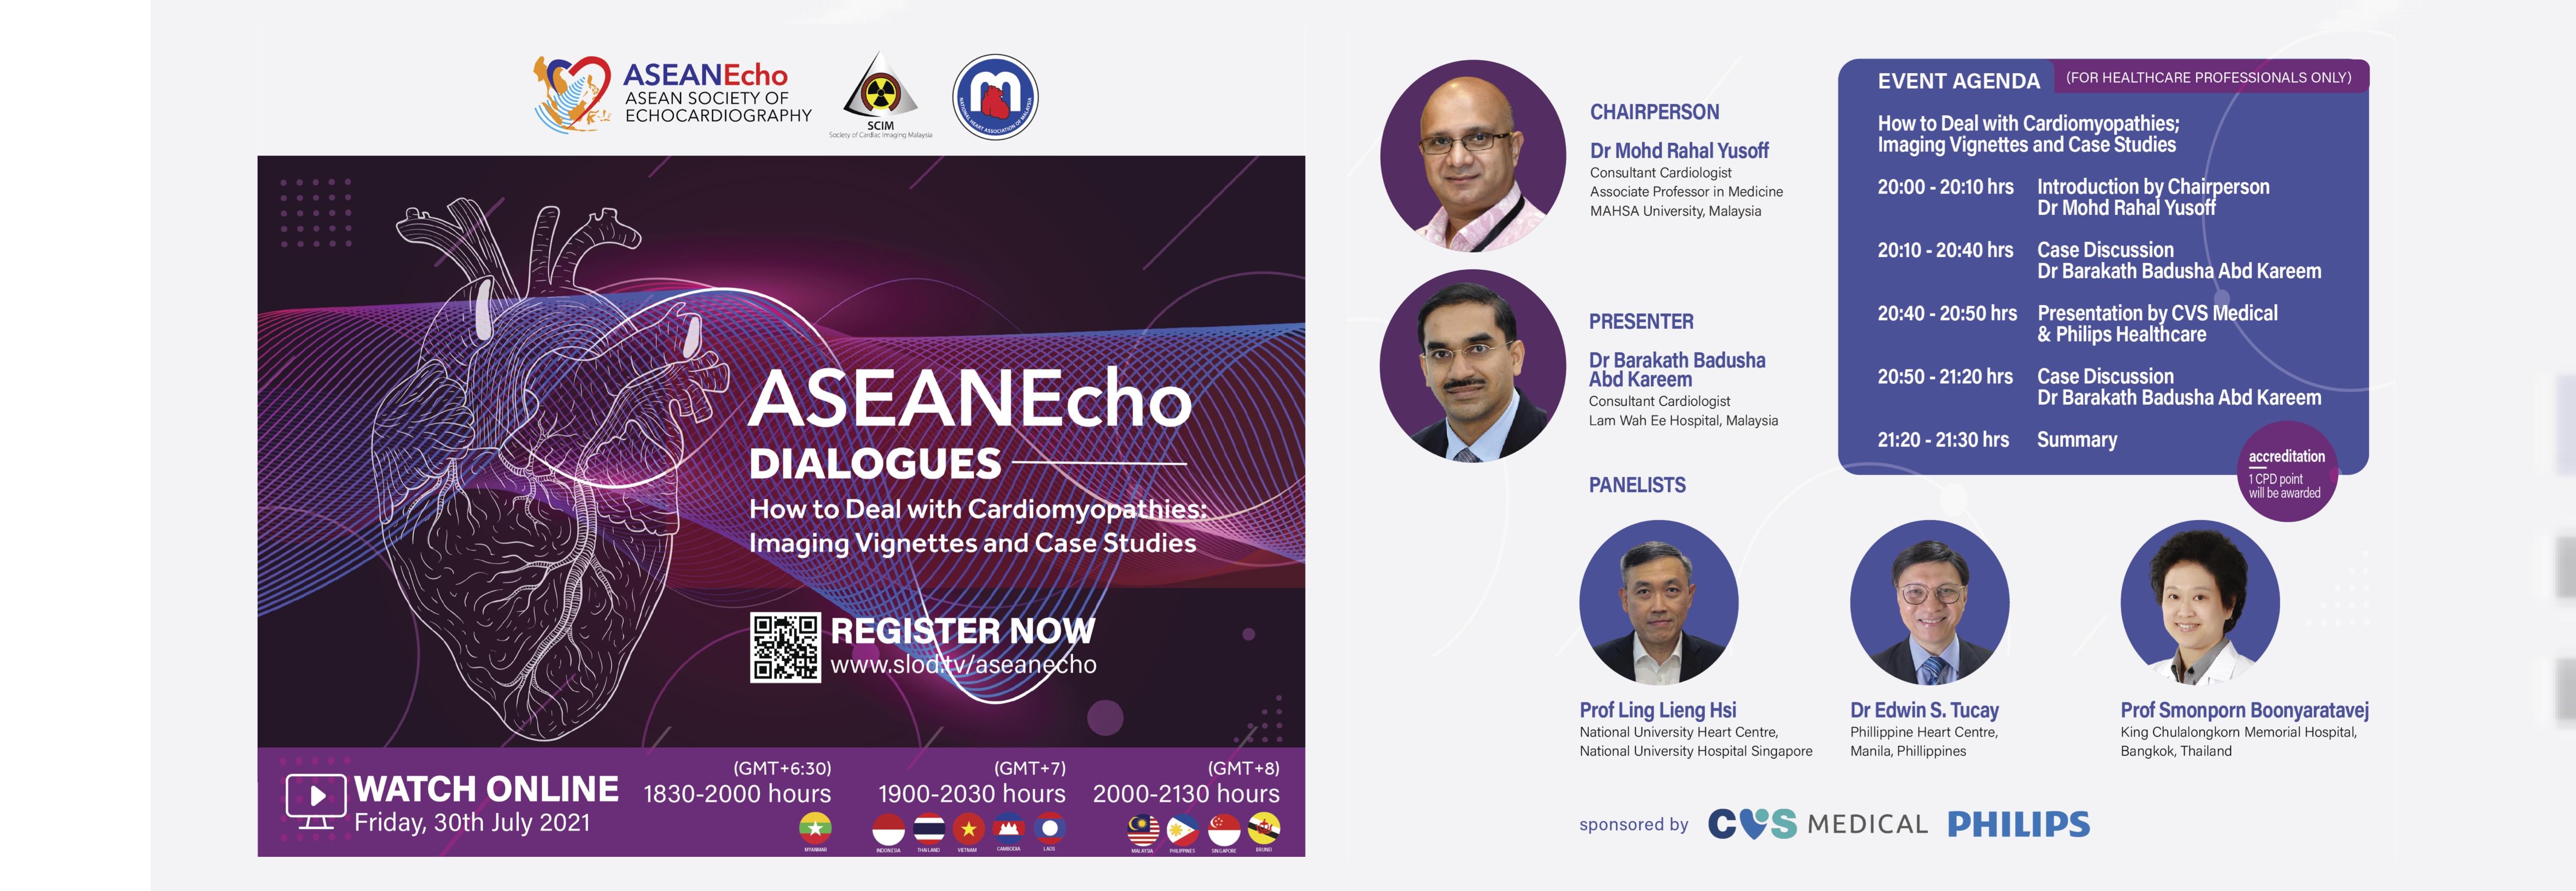 ASEAN_Echo_Dialogues_7-30-21